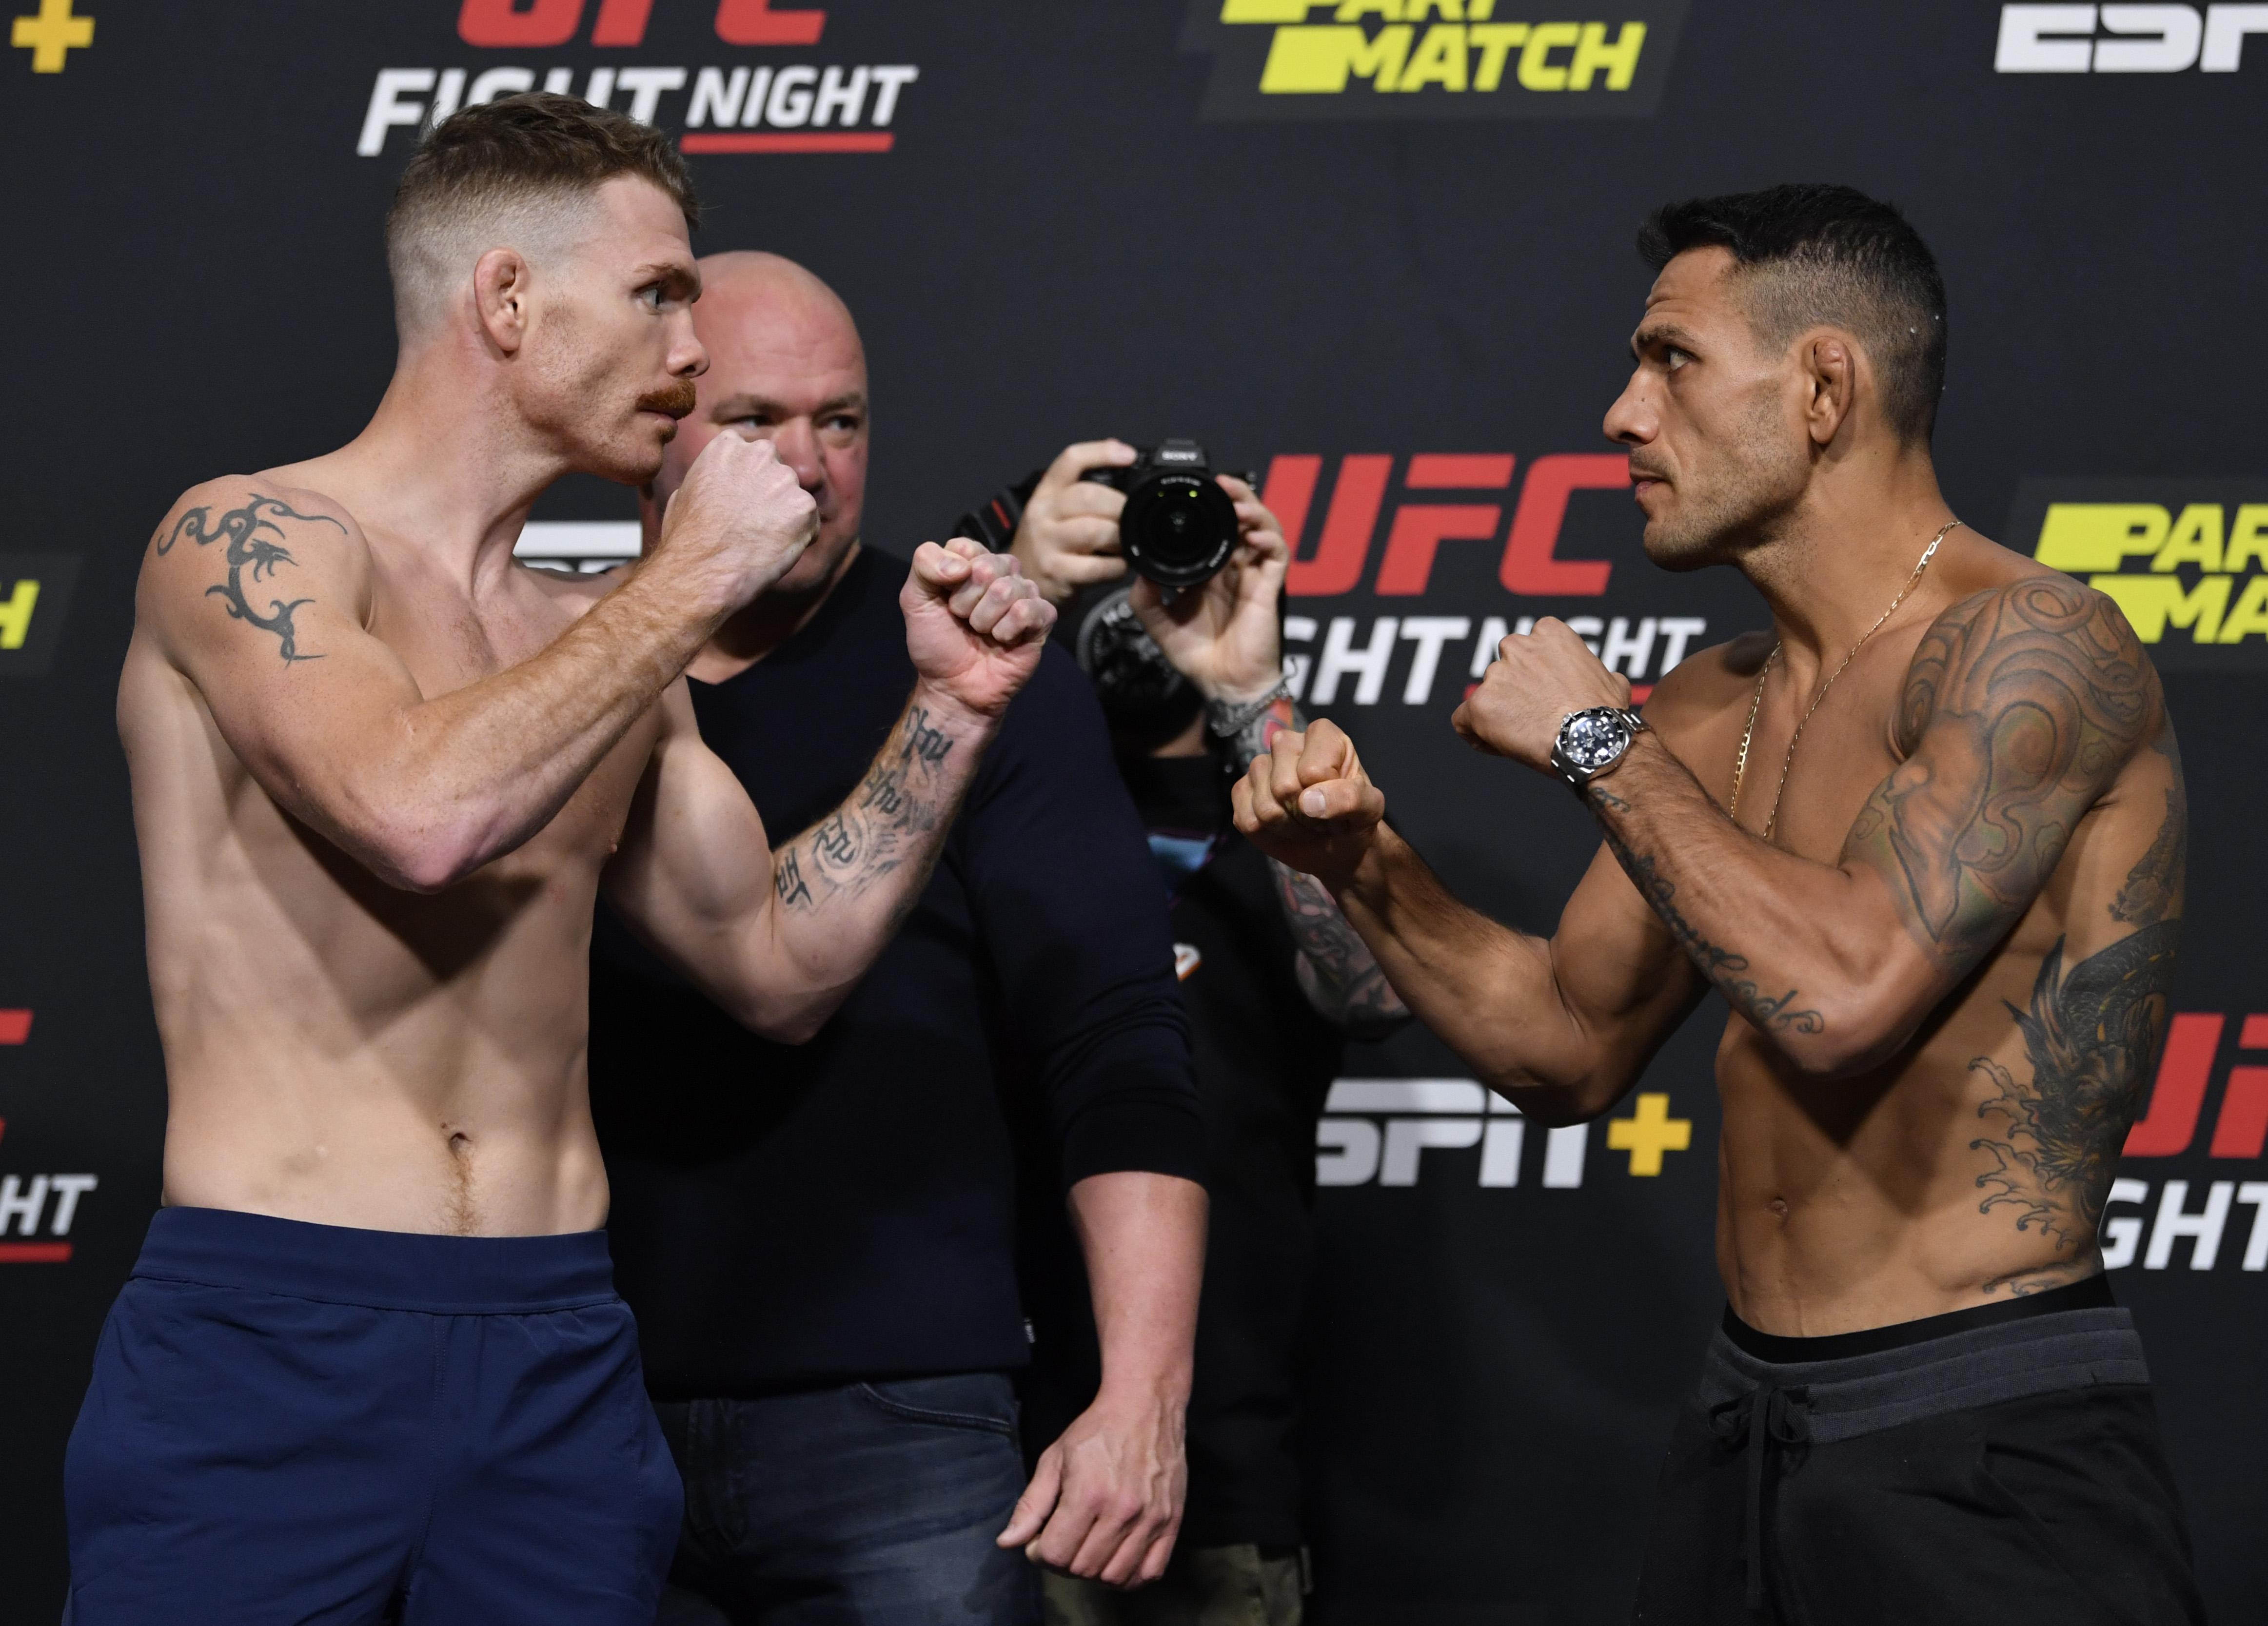 保罗·菲尔德和拉斐尔·多斯·安霍斯在UFC维加斯14